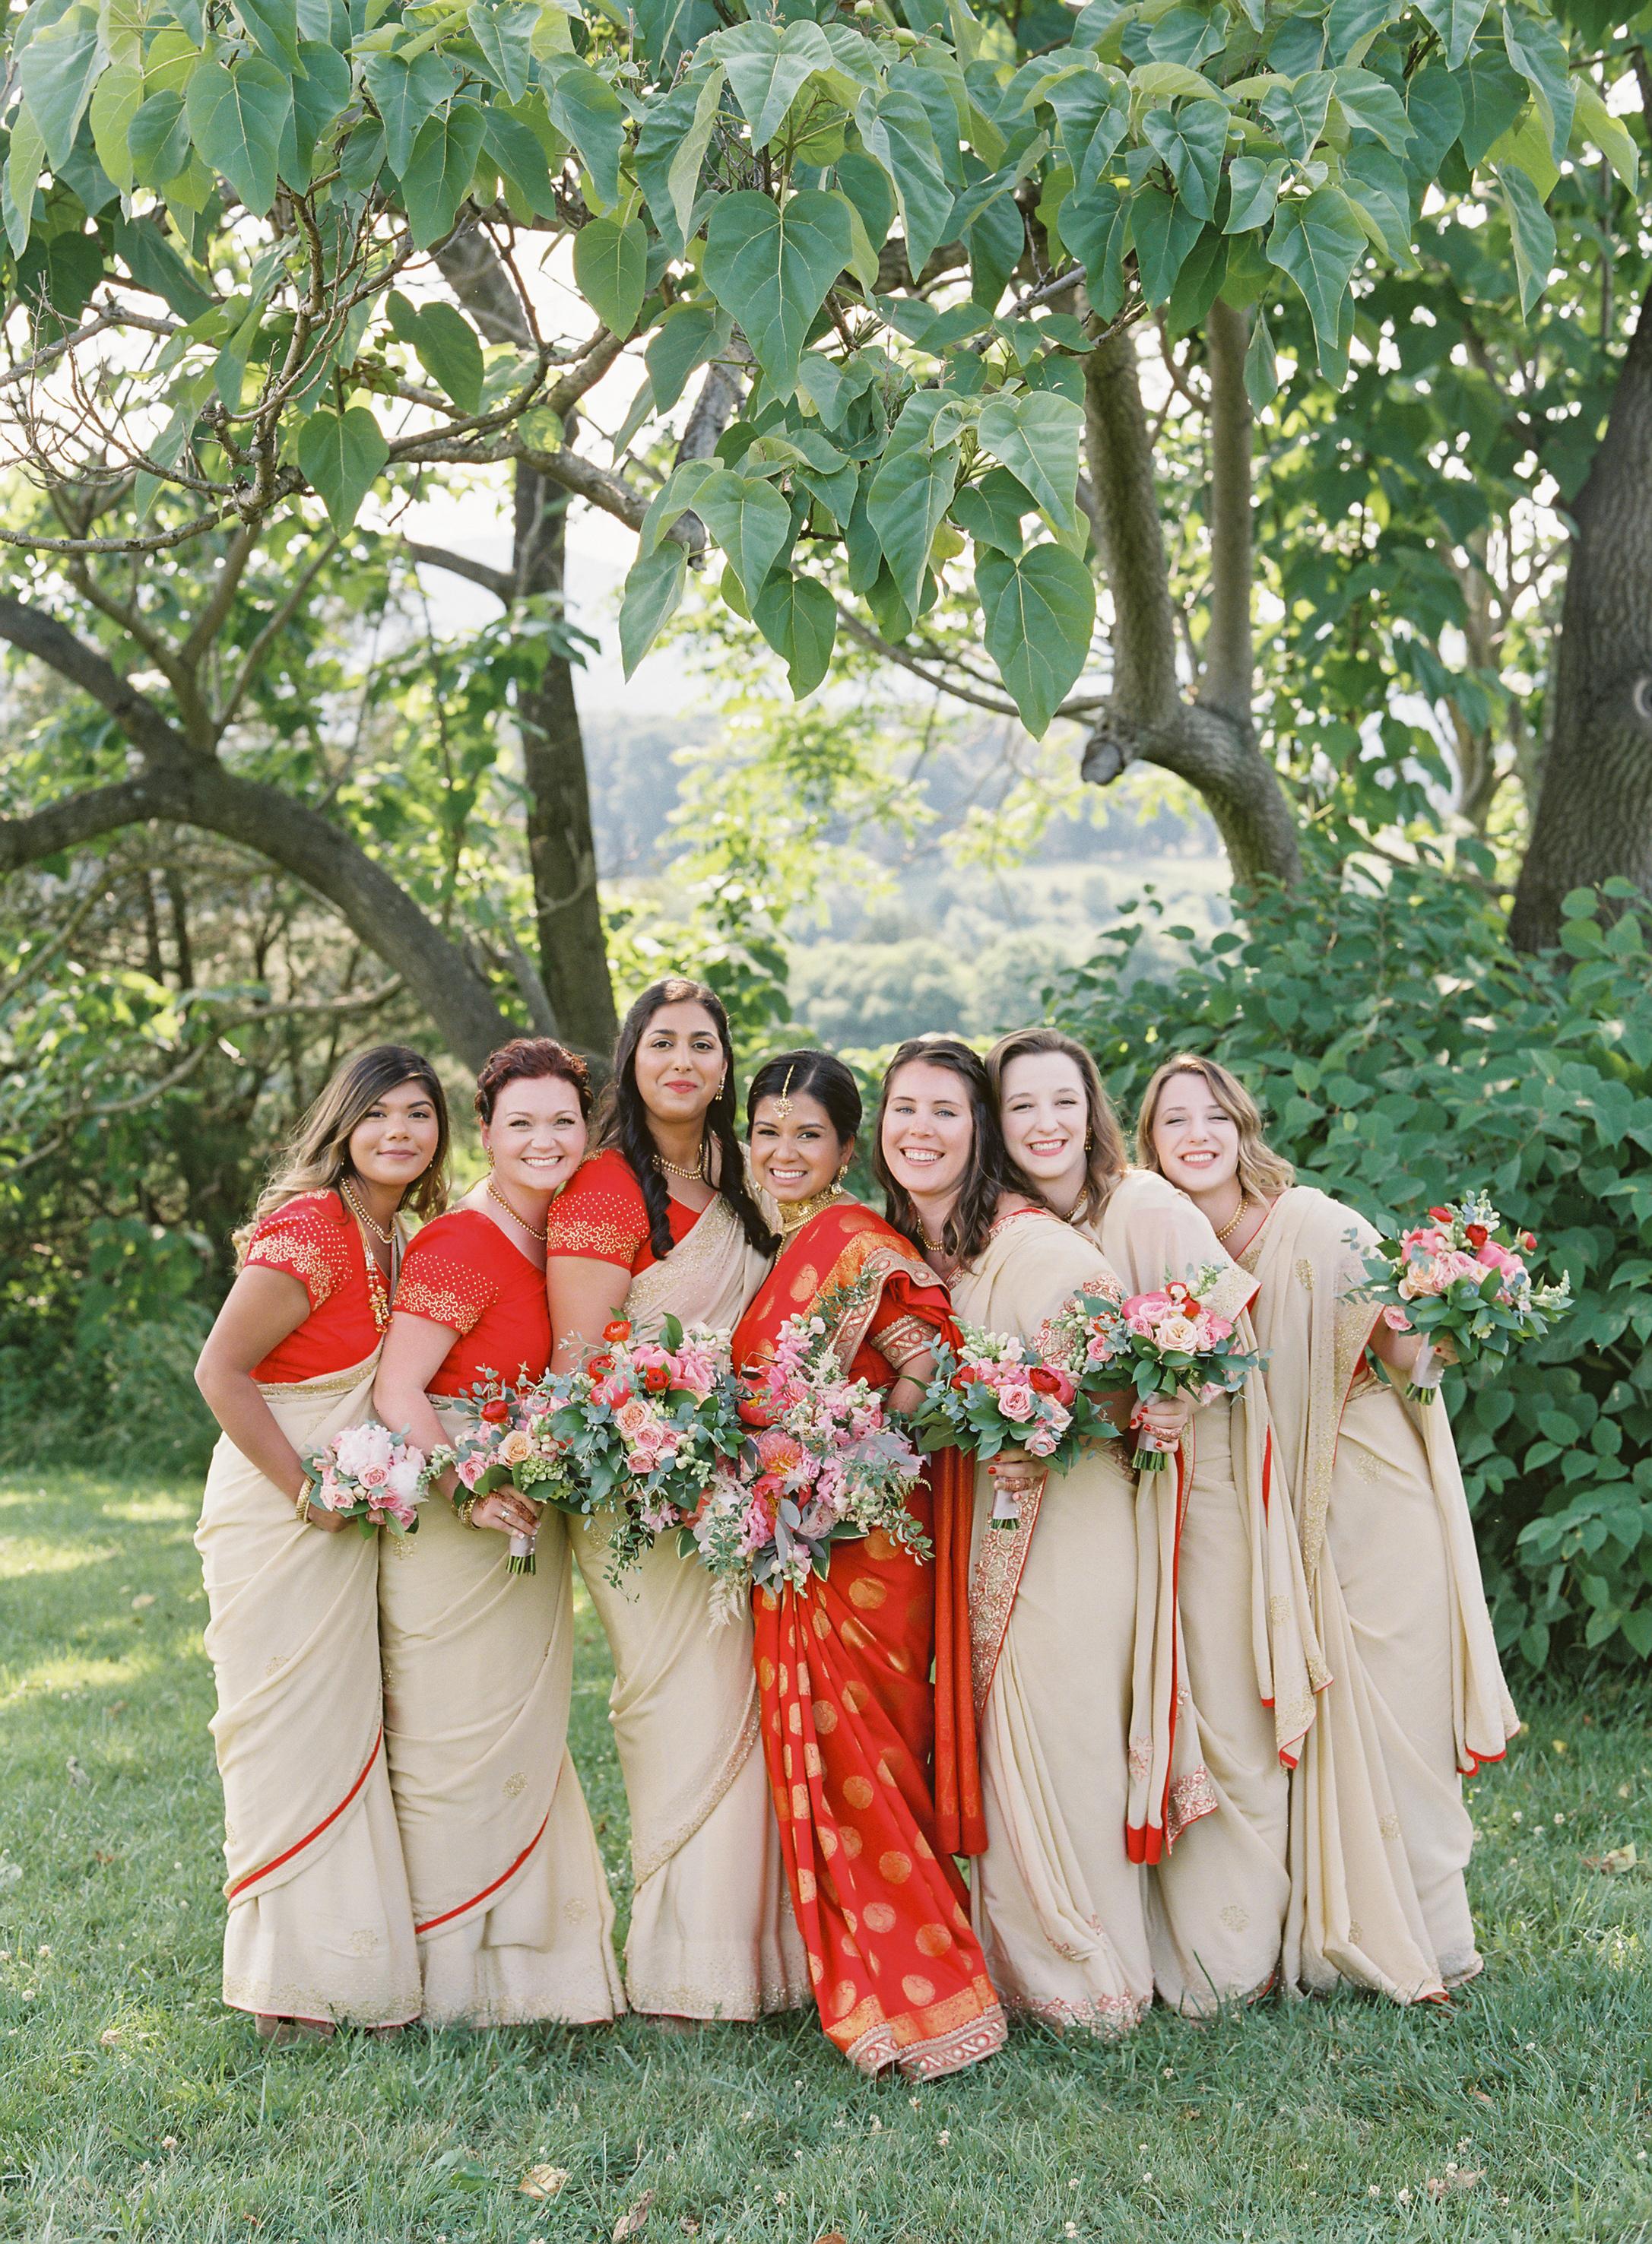 ronita ryan wedding bridesmaids posing